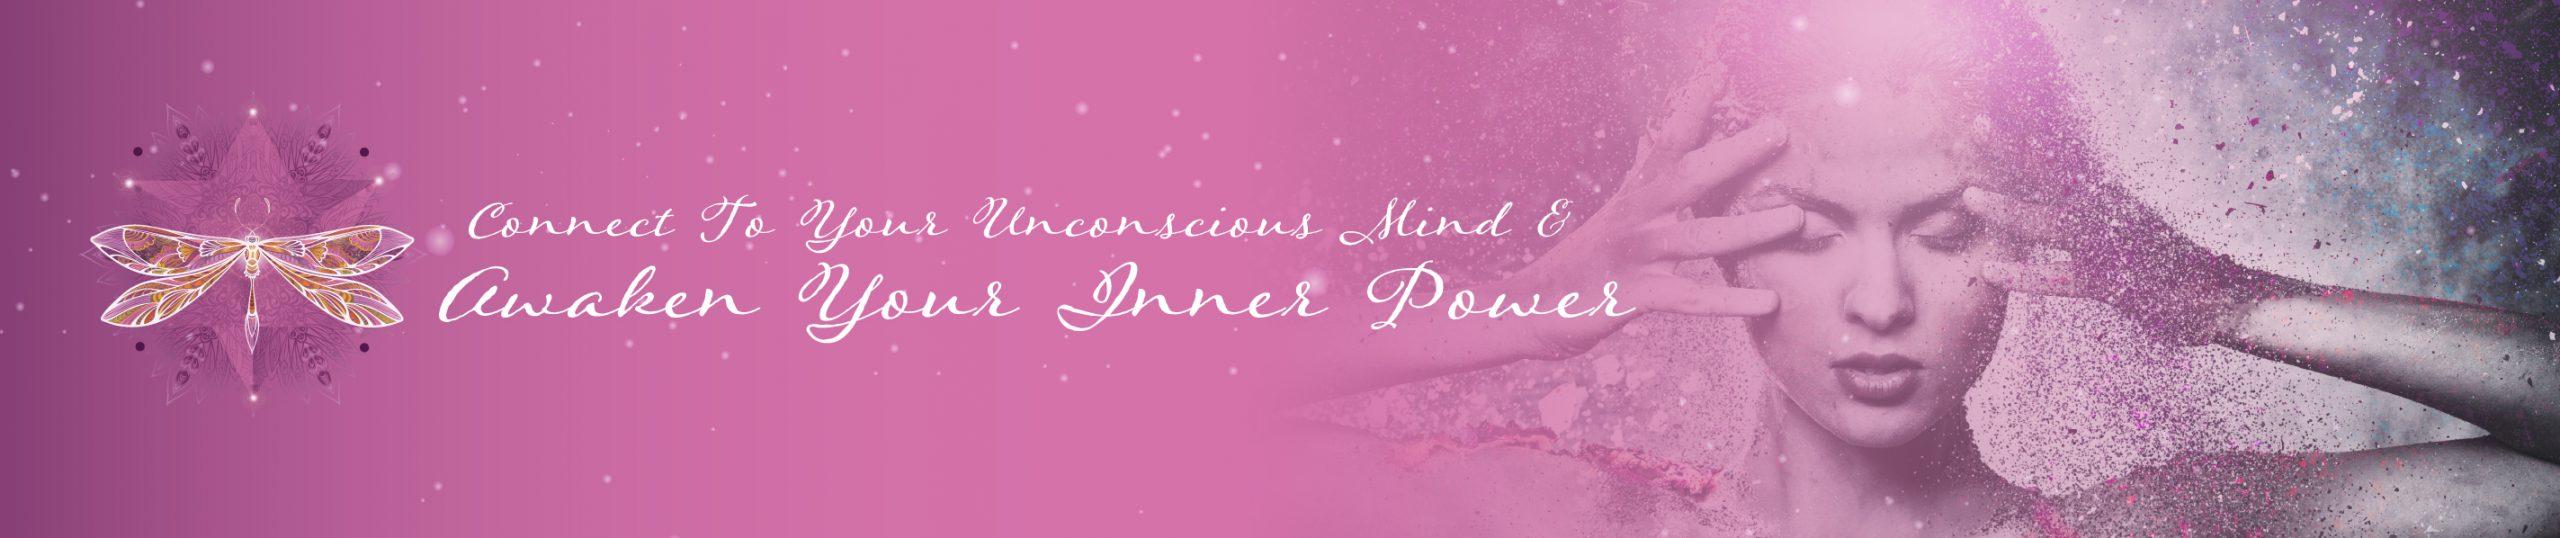 Hypnotherapy Awaken Your Inner Power Header